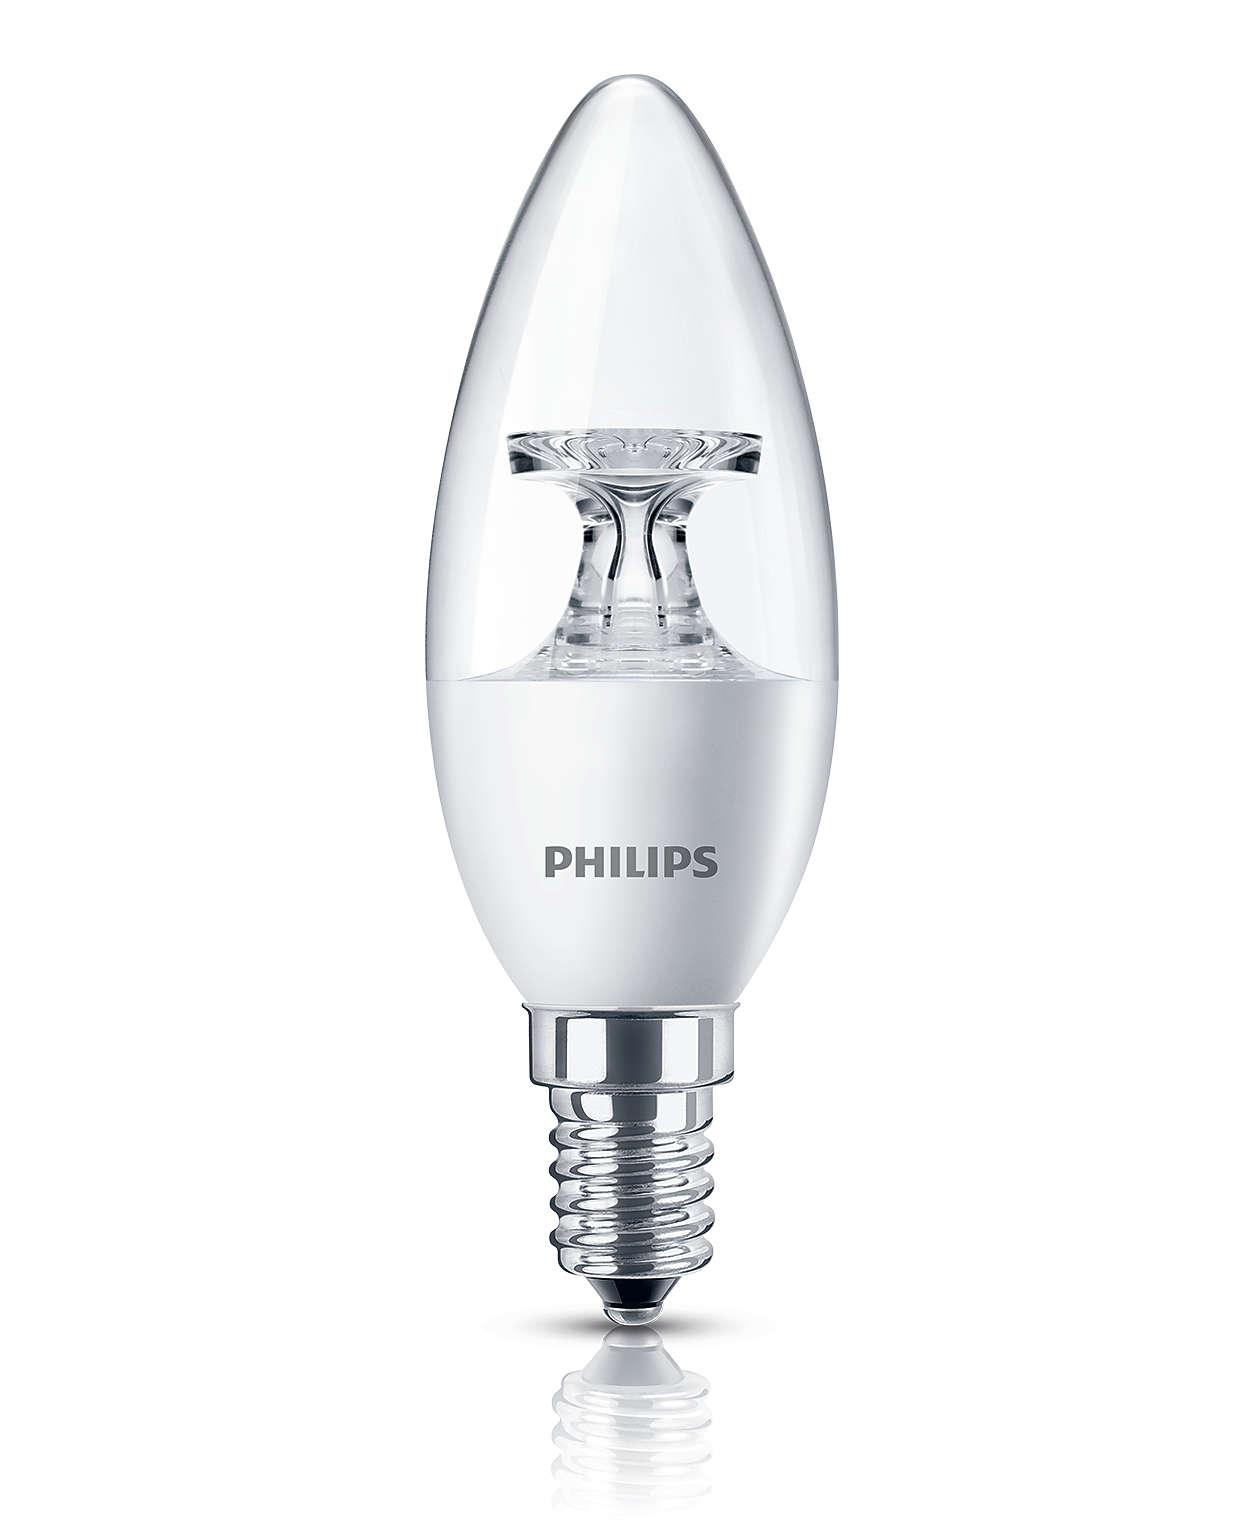 透明 LED 蠟燭為家居增添舒適的氣氛